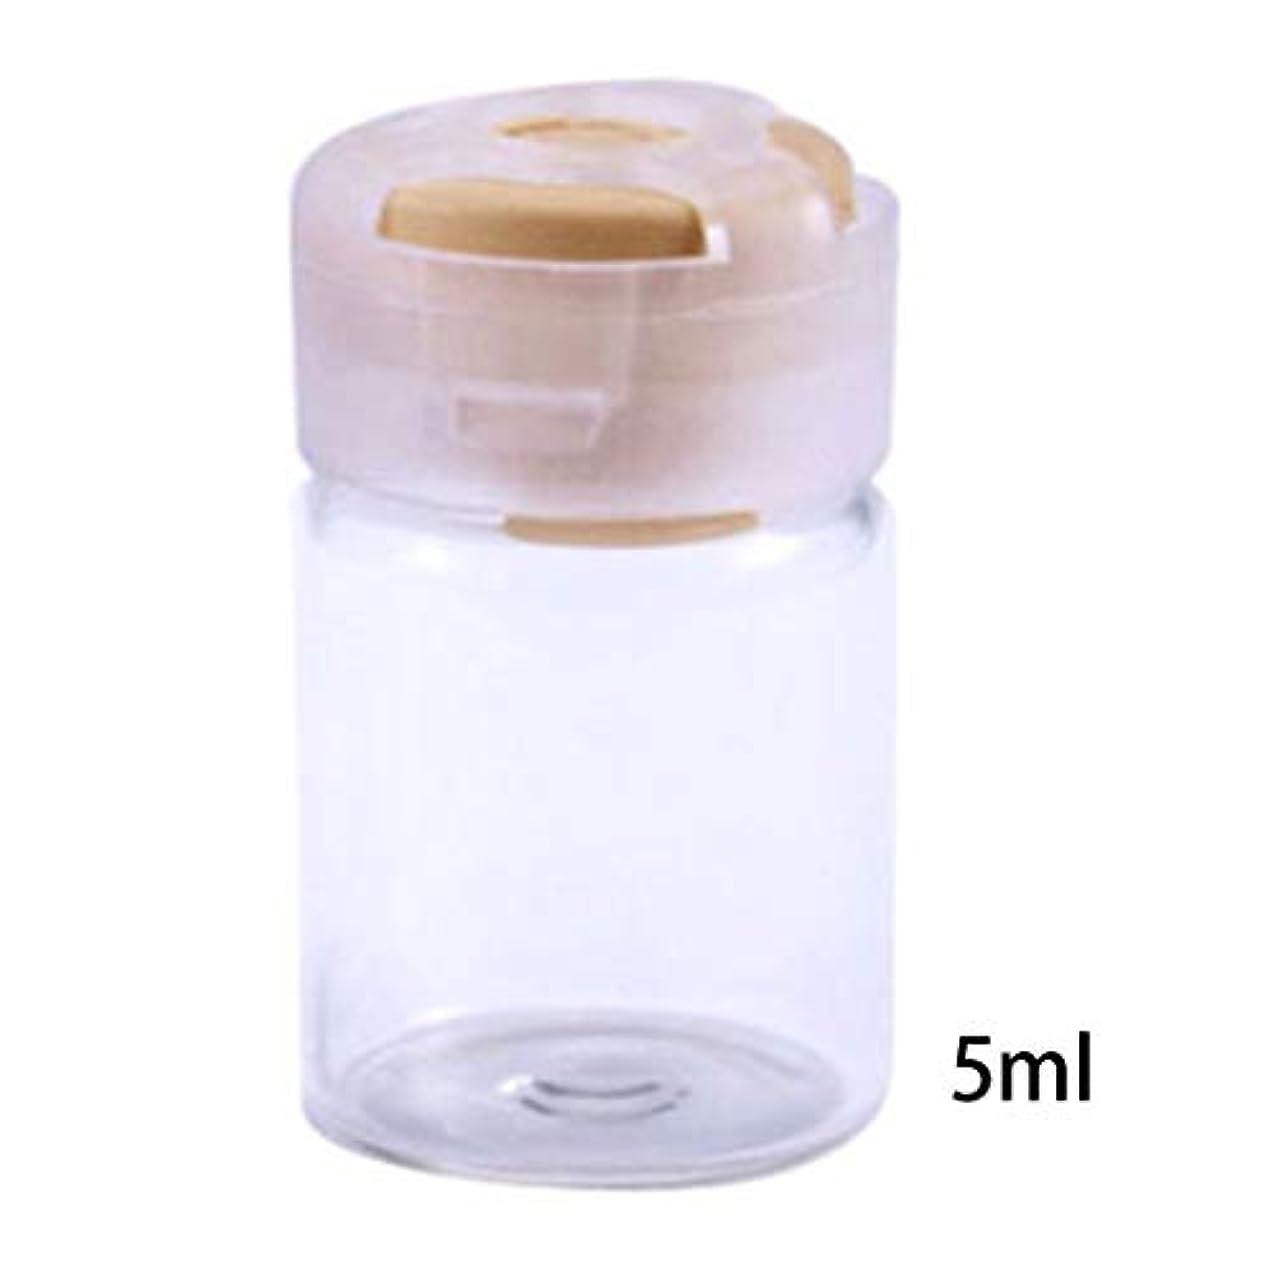 麻痺させるこねる曖昧なDabixx 5ミリリットル甘いキャンディーカラーフタ空瓶密封滅菌血清クリアガラスバイアル付きゴム栓エッセンシャルオイルコンテナ - 黄